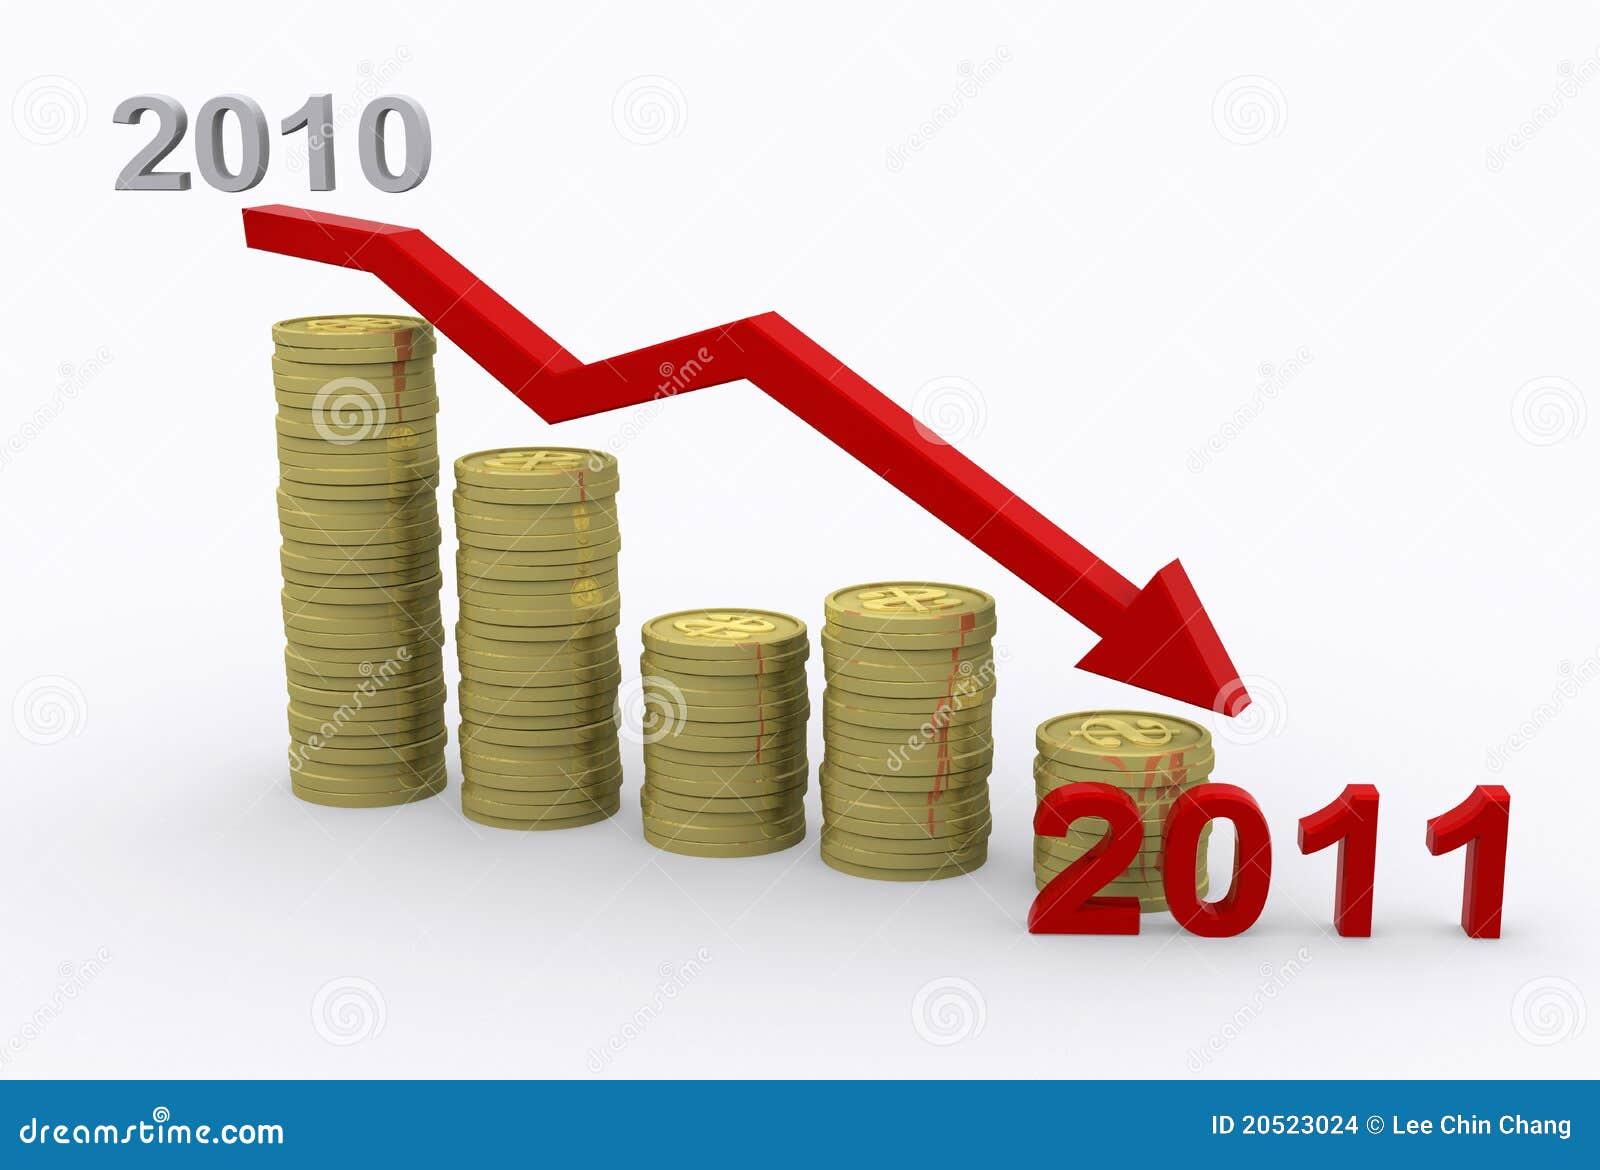 Profit Decline 2011